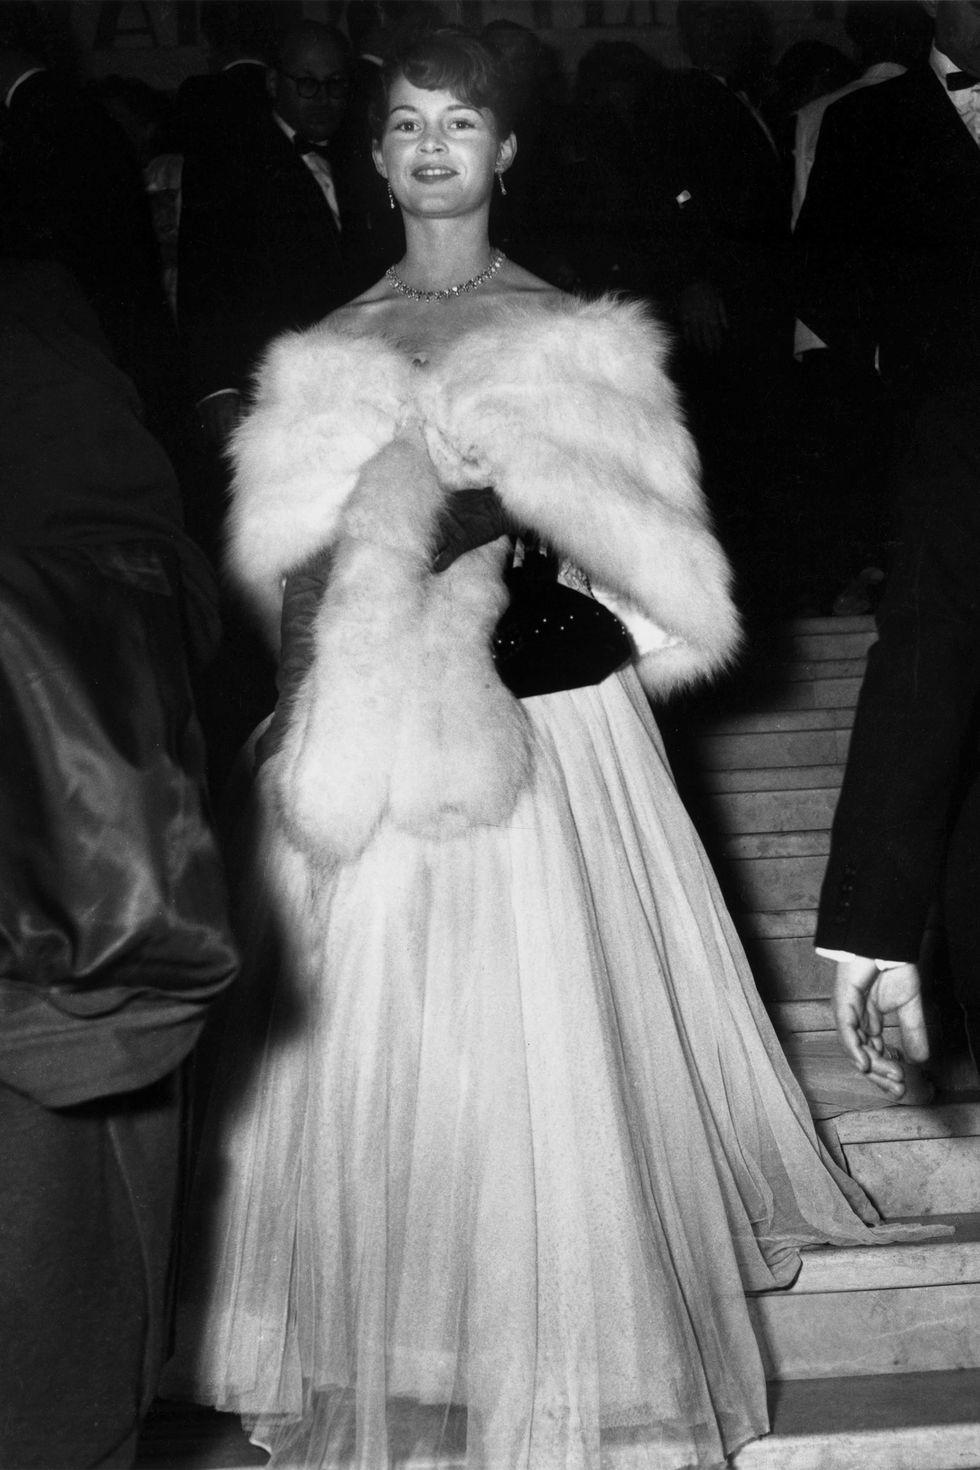 بريجيت باردو في فستان ناعم عام ١٩٥٣